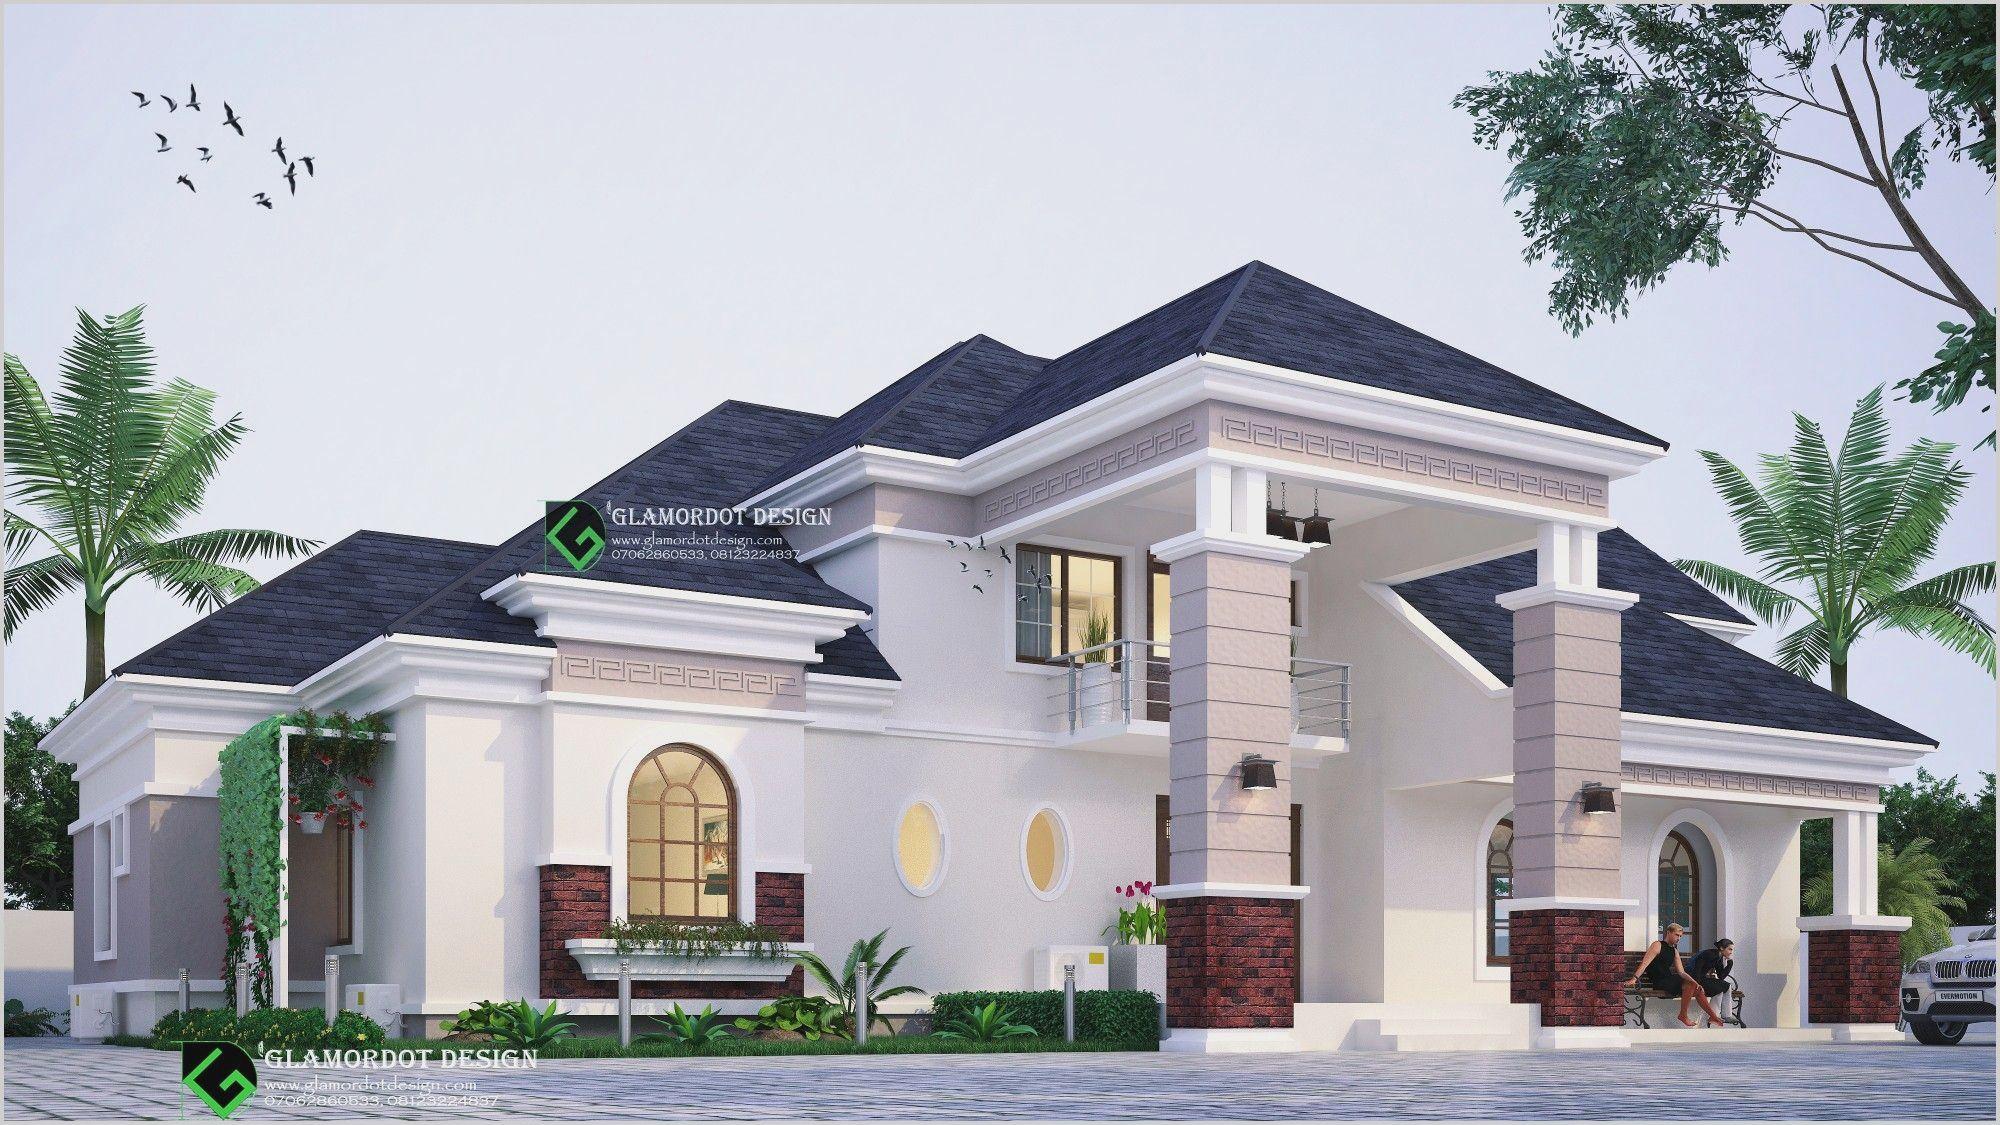 2 Bedroom Bungalow Designs In Nigeria In 2020 Bungalow House Design Bungalow Design House Plans Mansion